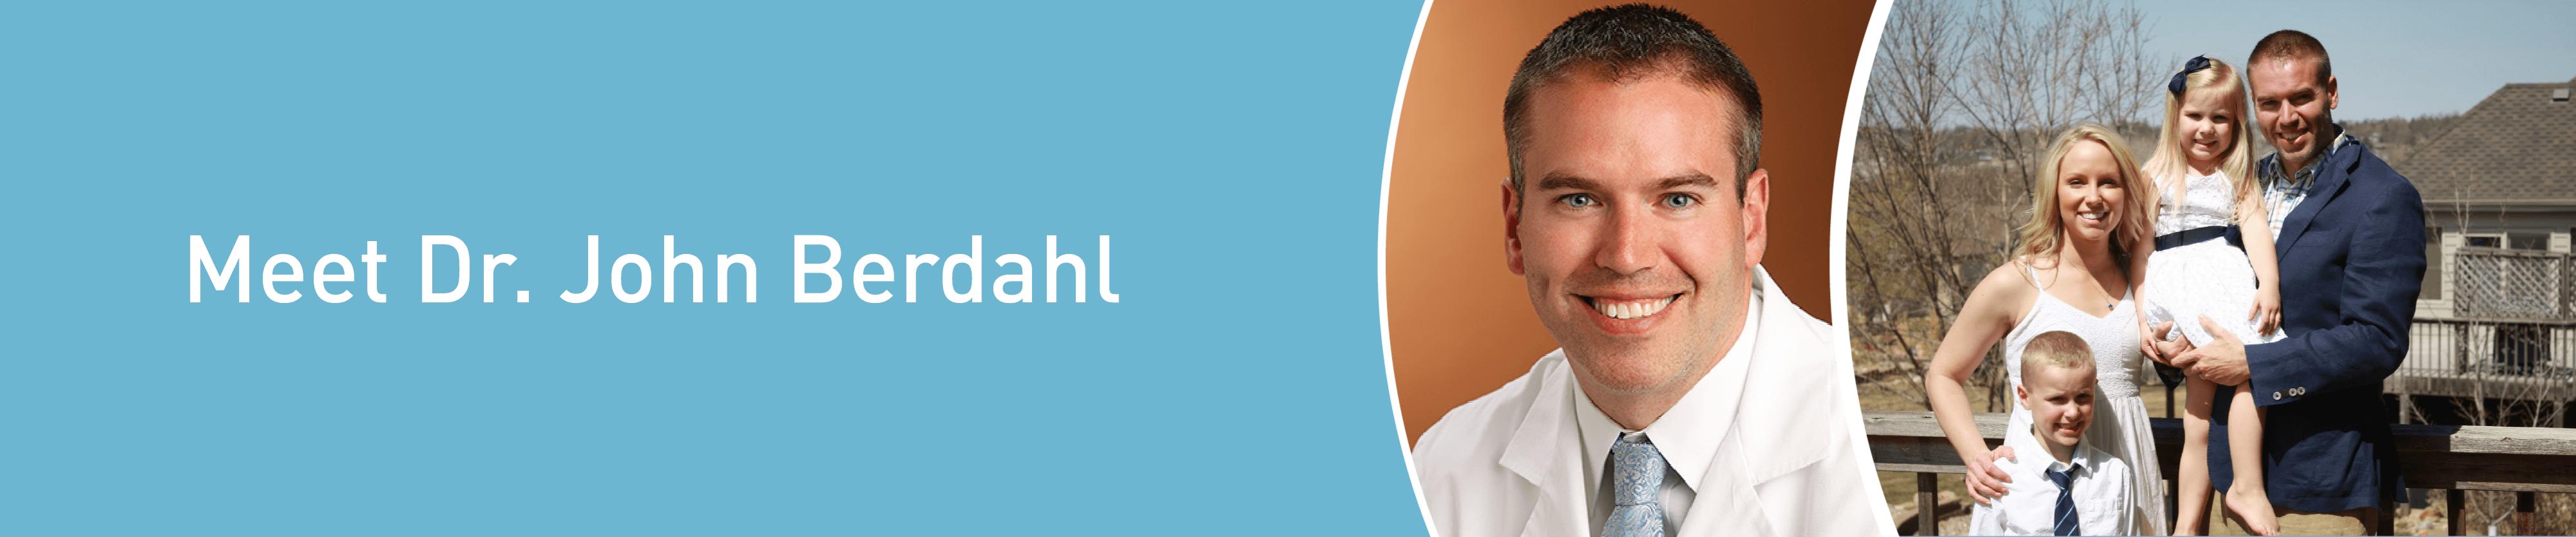 Meet Dr. John Berdahl